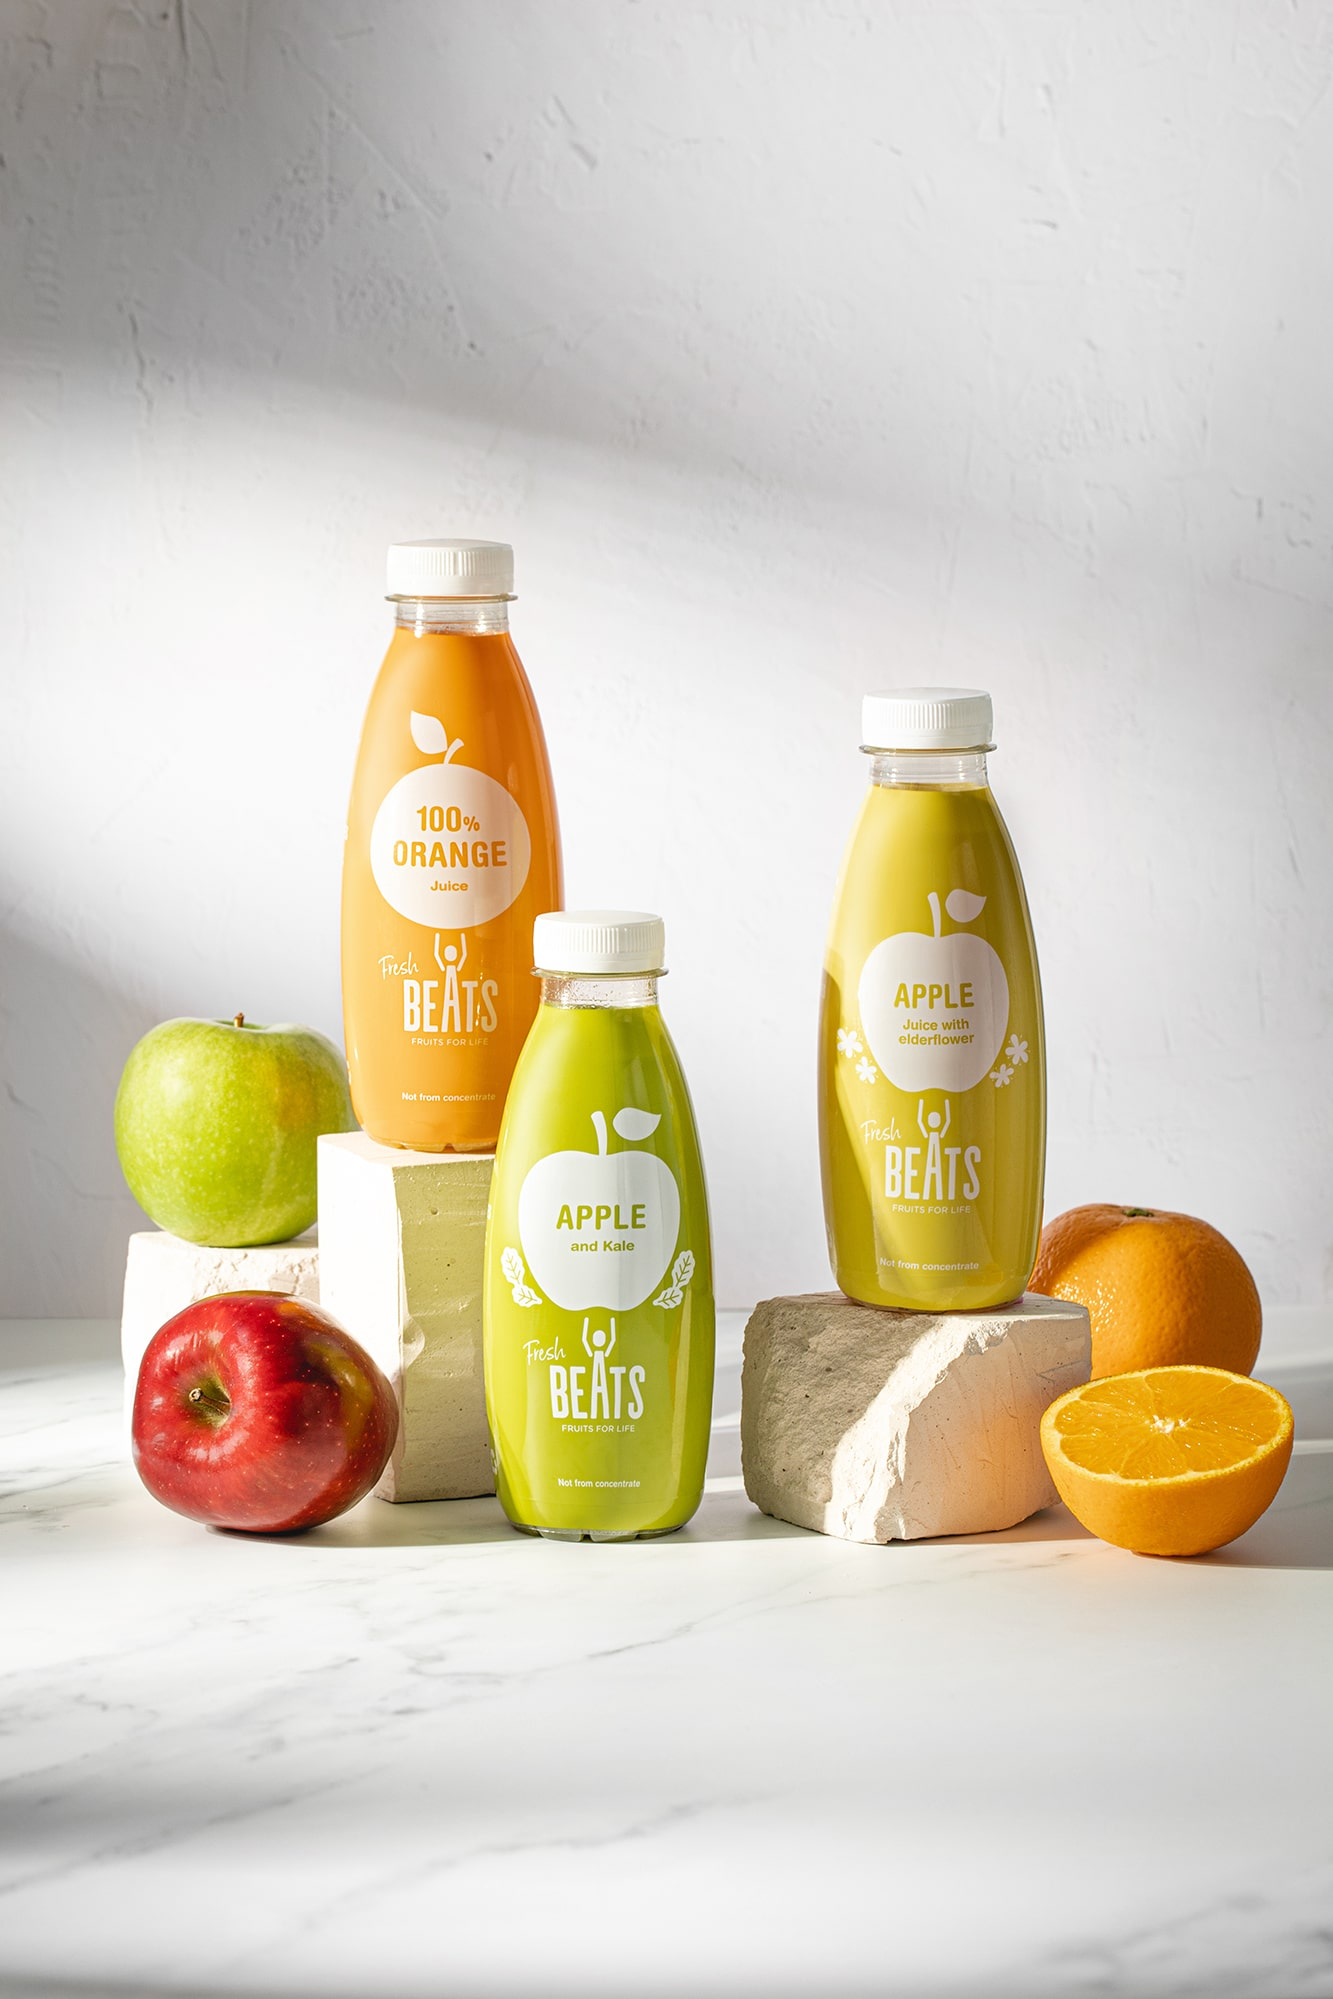 zumos de frutras naturales